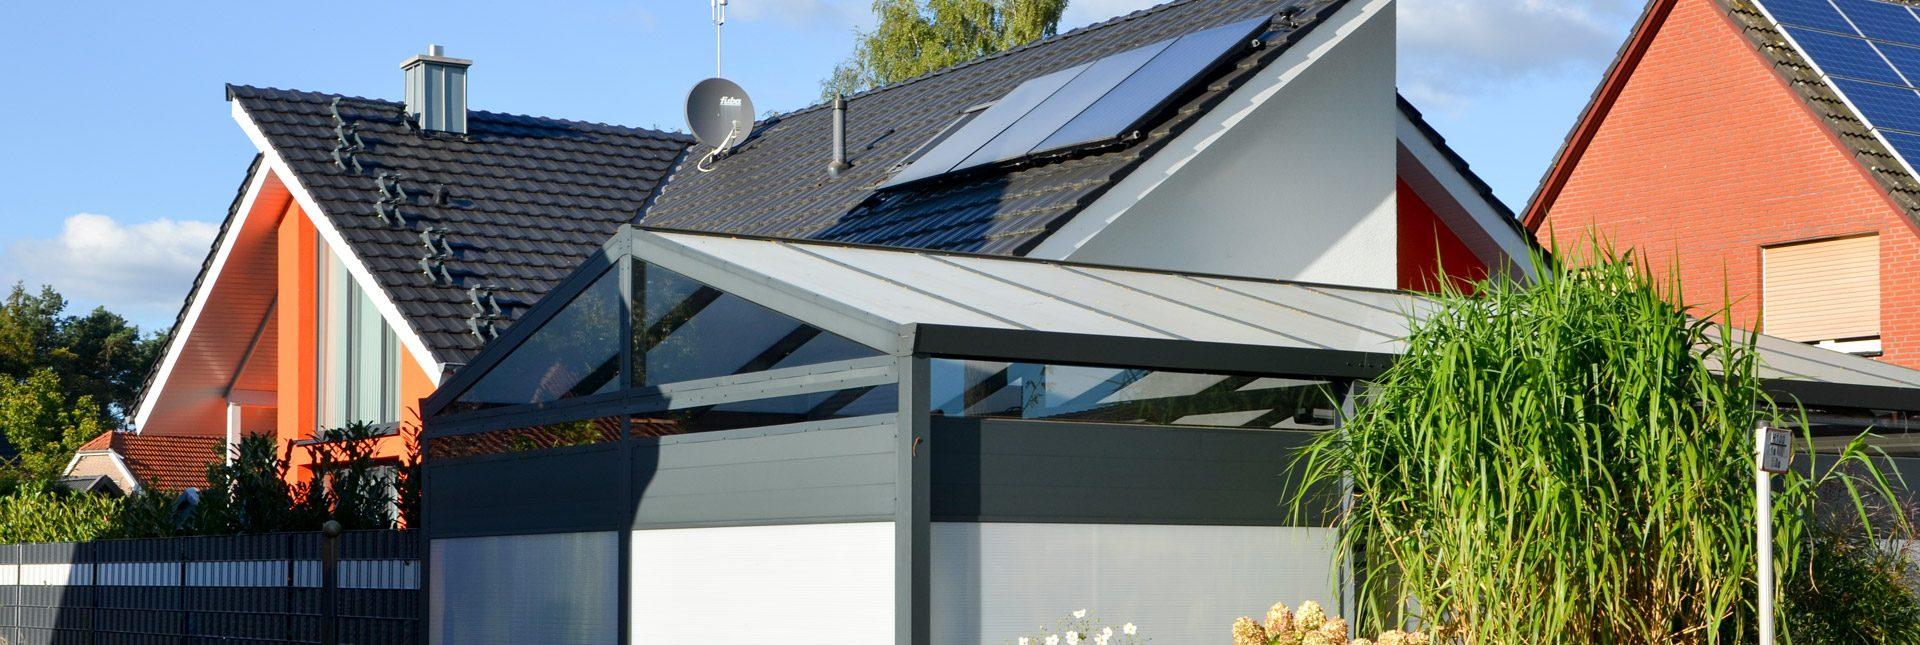 Drei Solarwärmepaneele unterstützen die Heizung